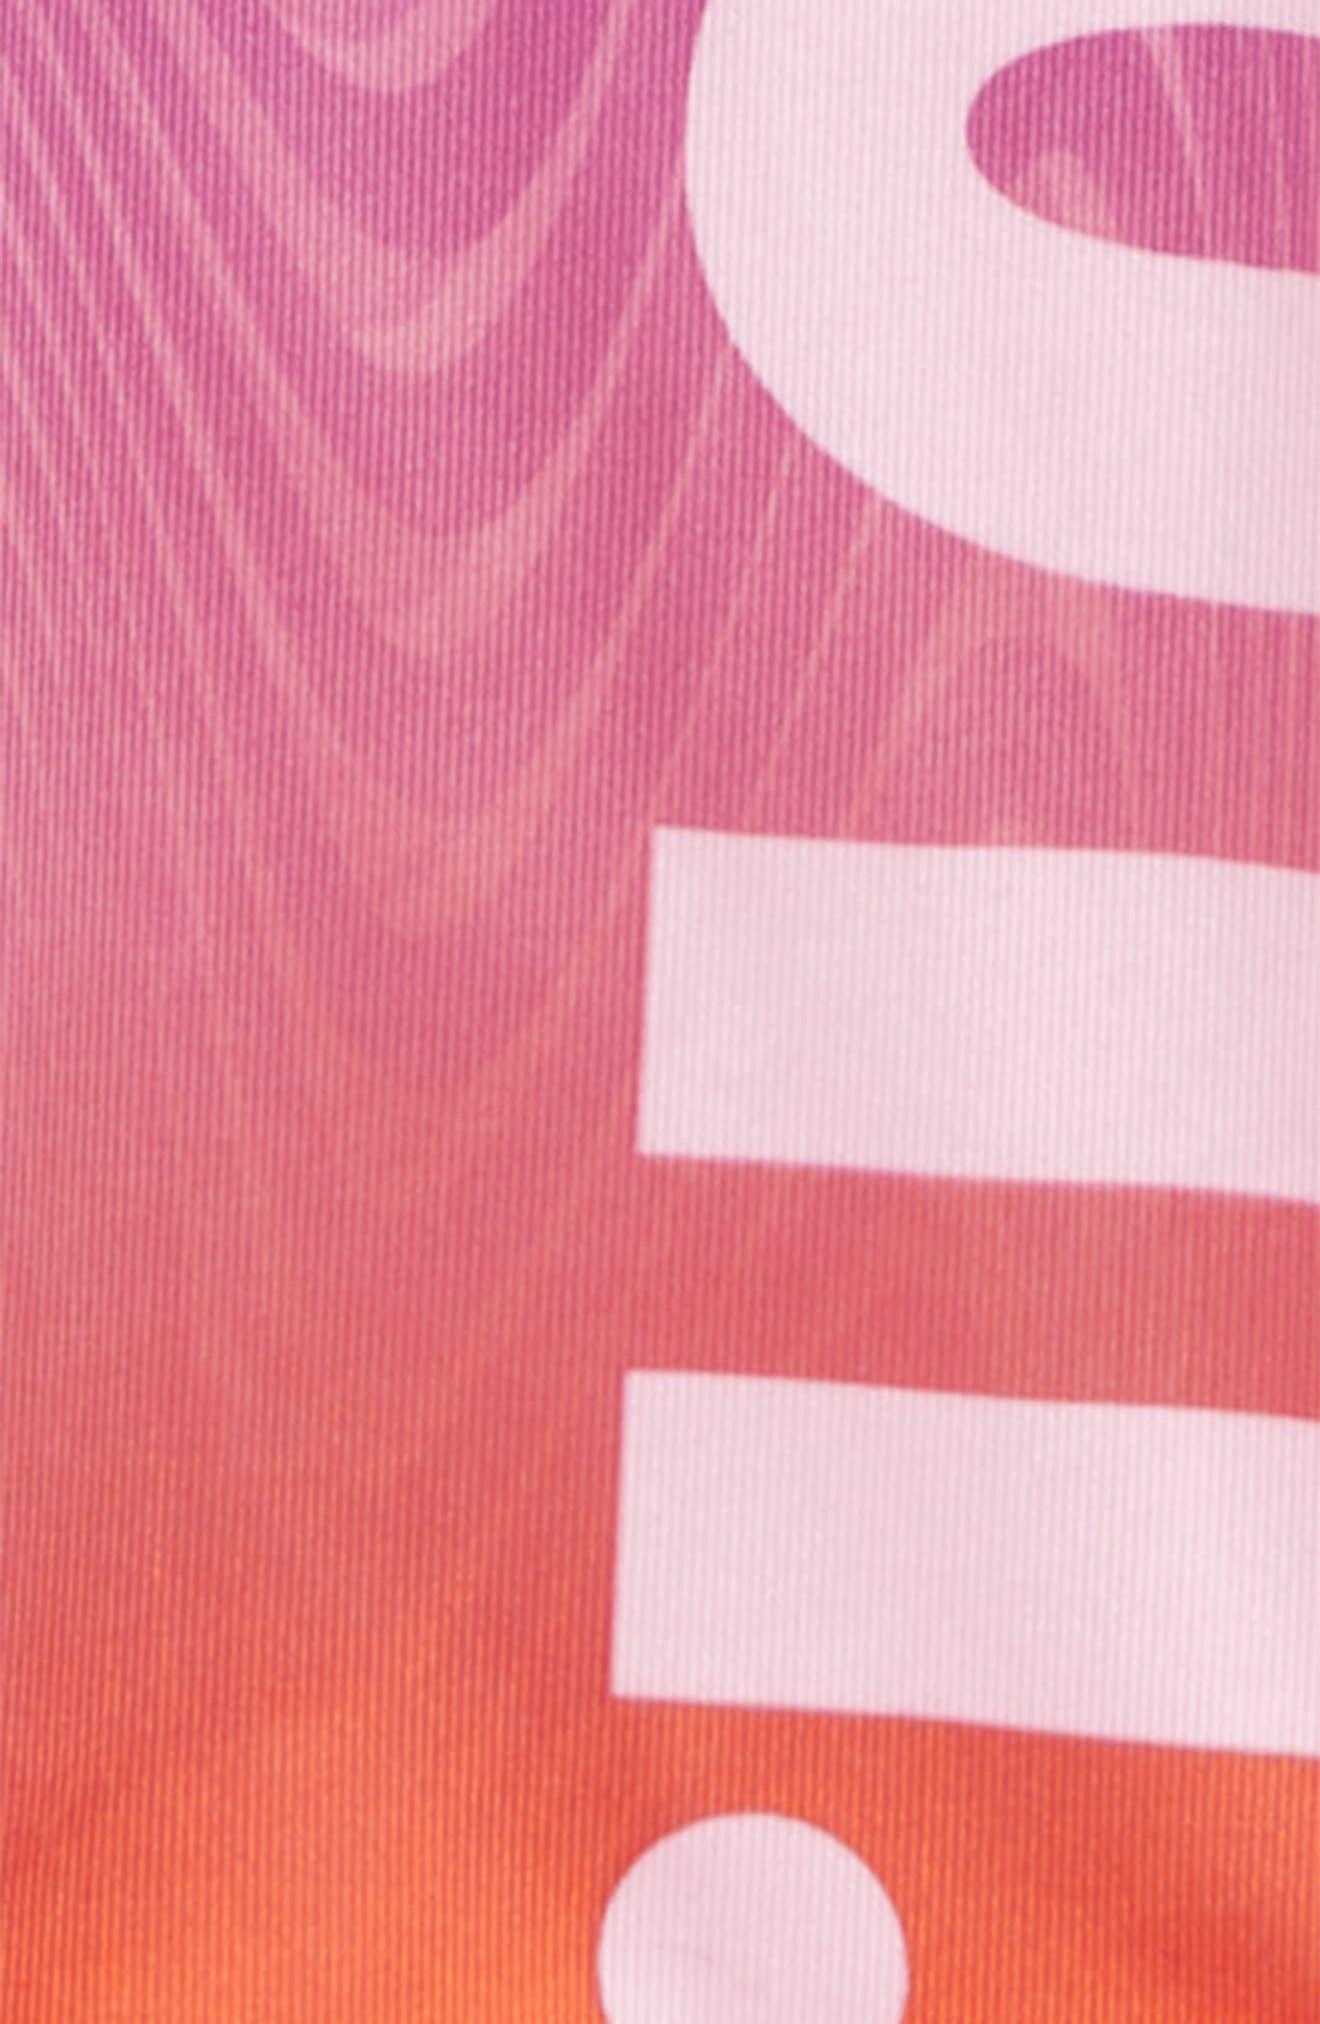 Ombré Dri-FIT Leggings,                             Alternate thumbnail 2, color,                             Active Pink